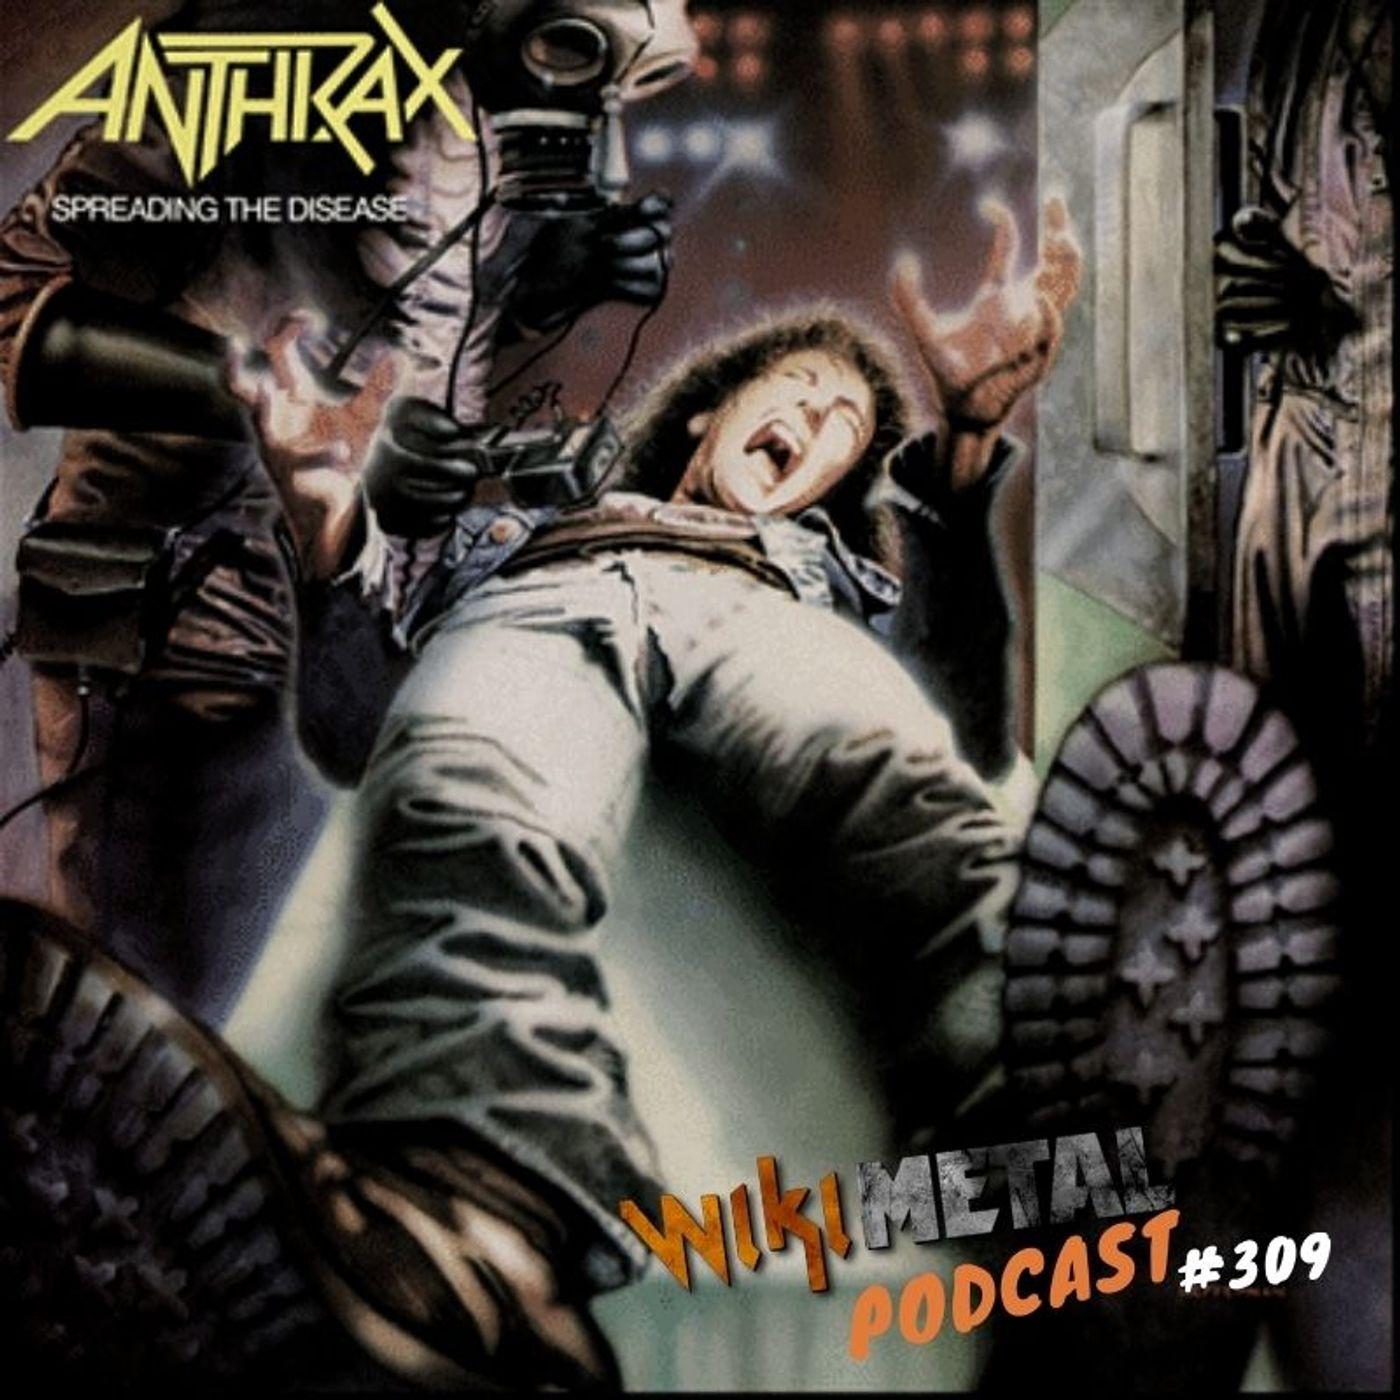 #309 | Anthrax: 35 anos de Spreading The Disease